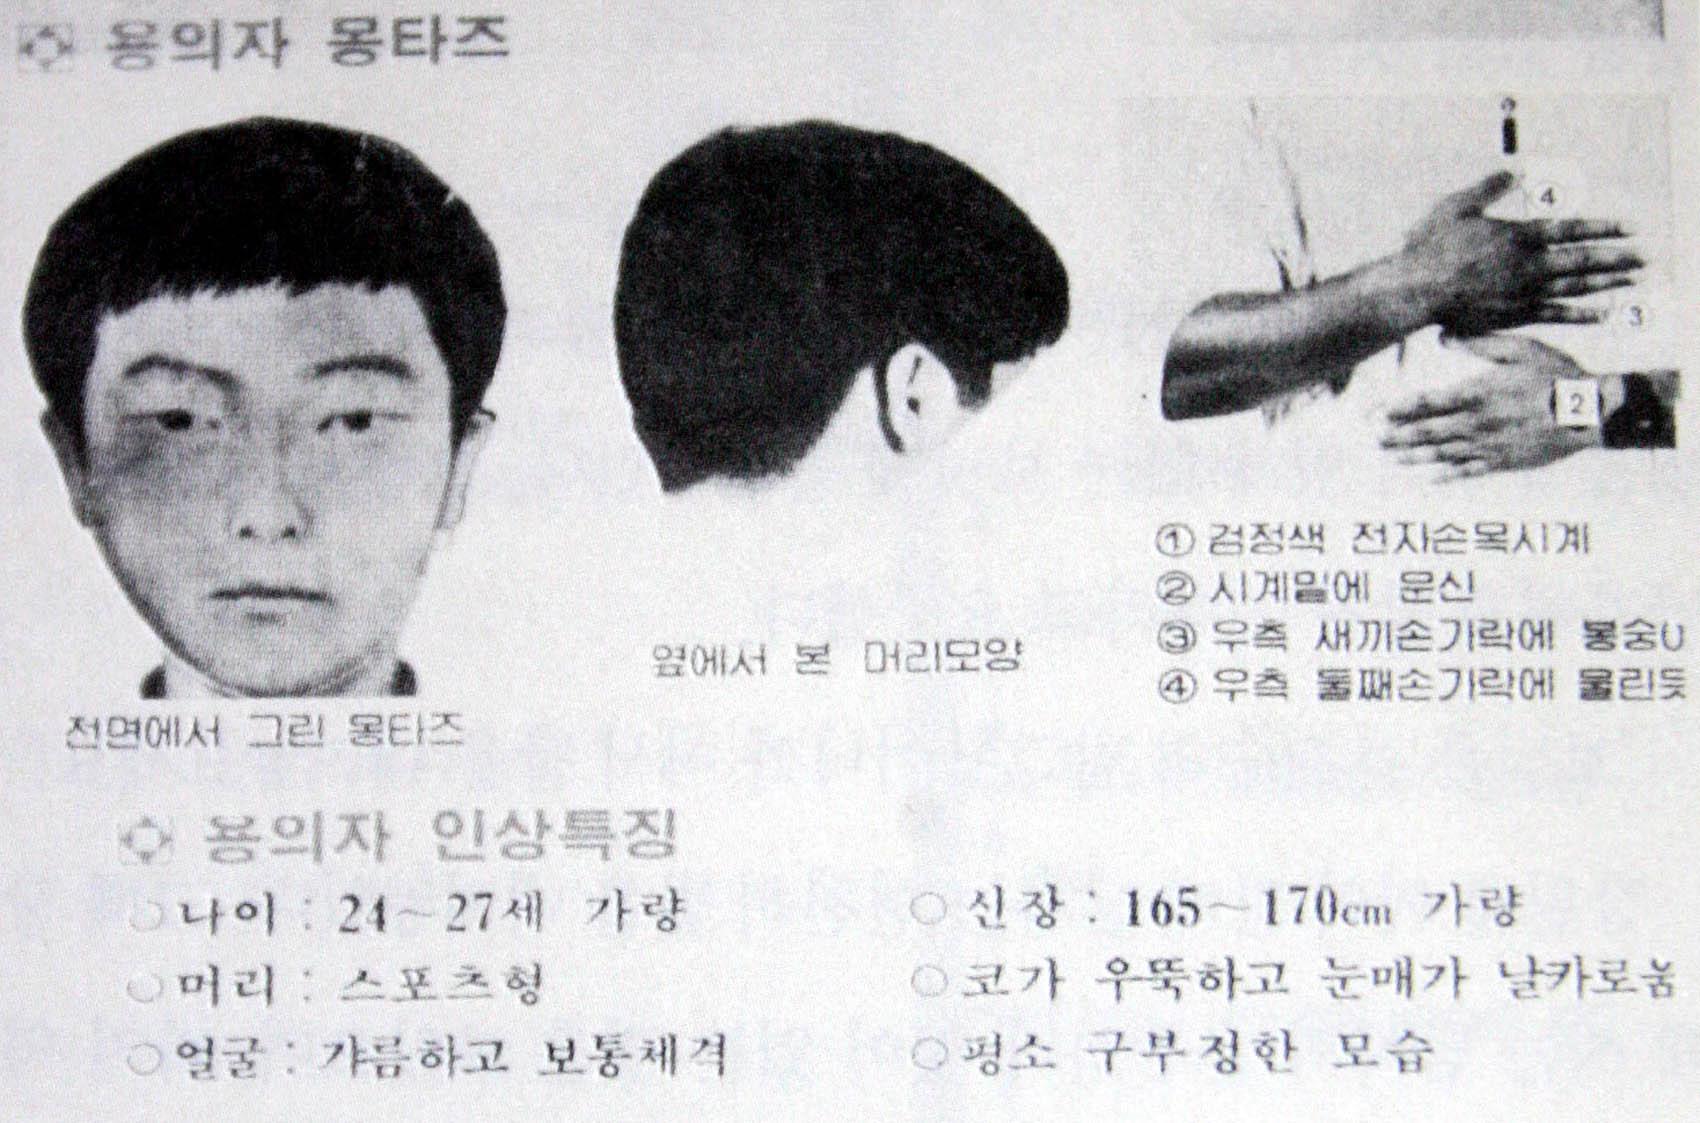 경찰, 화성연쇄살인사건 유력 용의자 특정 <사진=연합>